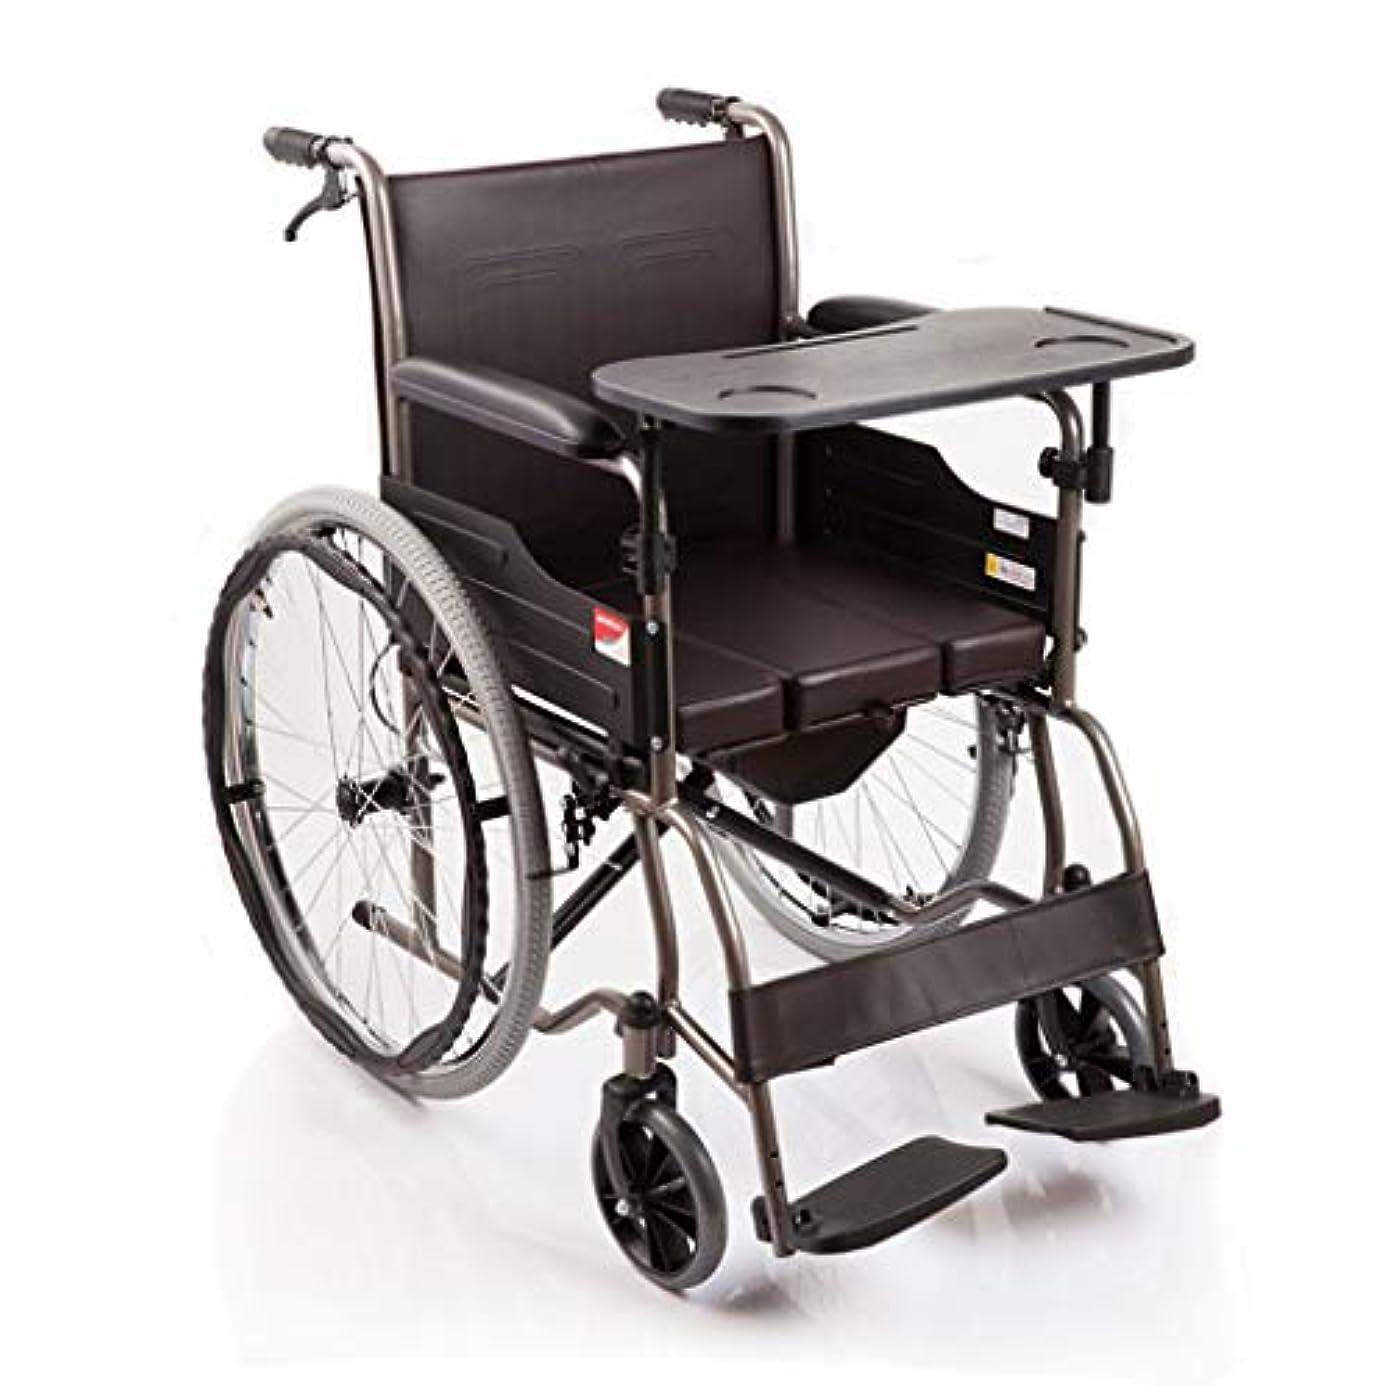 人道的馬鹿げた迅速手動車椅子シミュレーションレザーシートクッション、多機能車椅子、高齢者用屋外折りたたみ式トイレデザイン車椅子